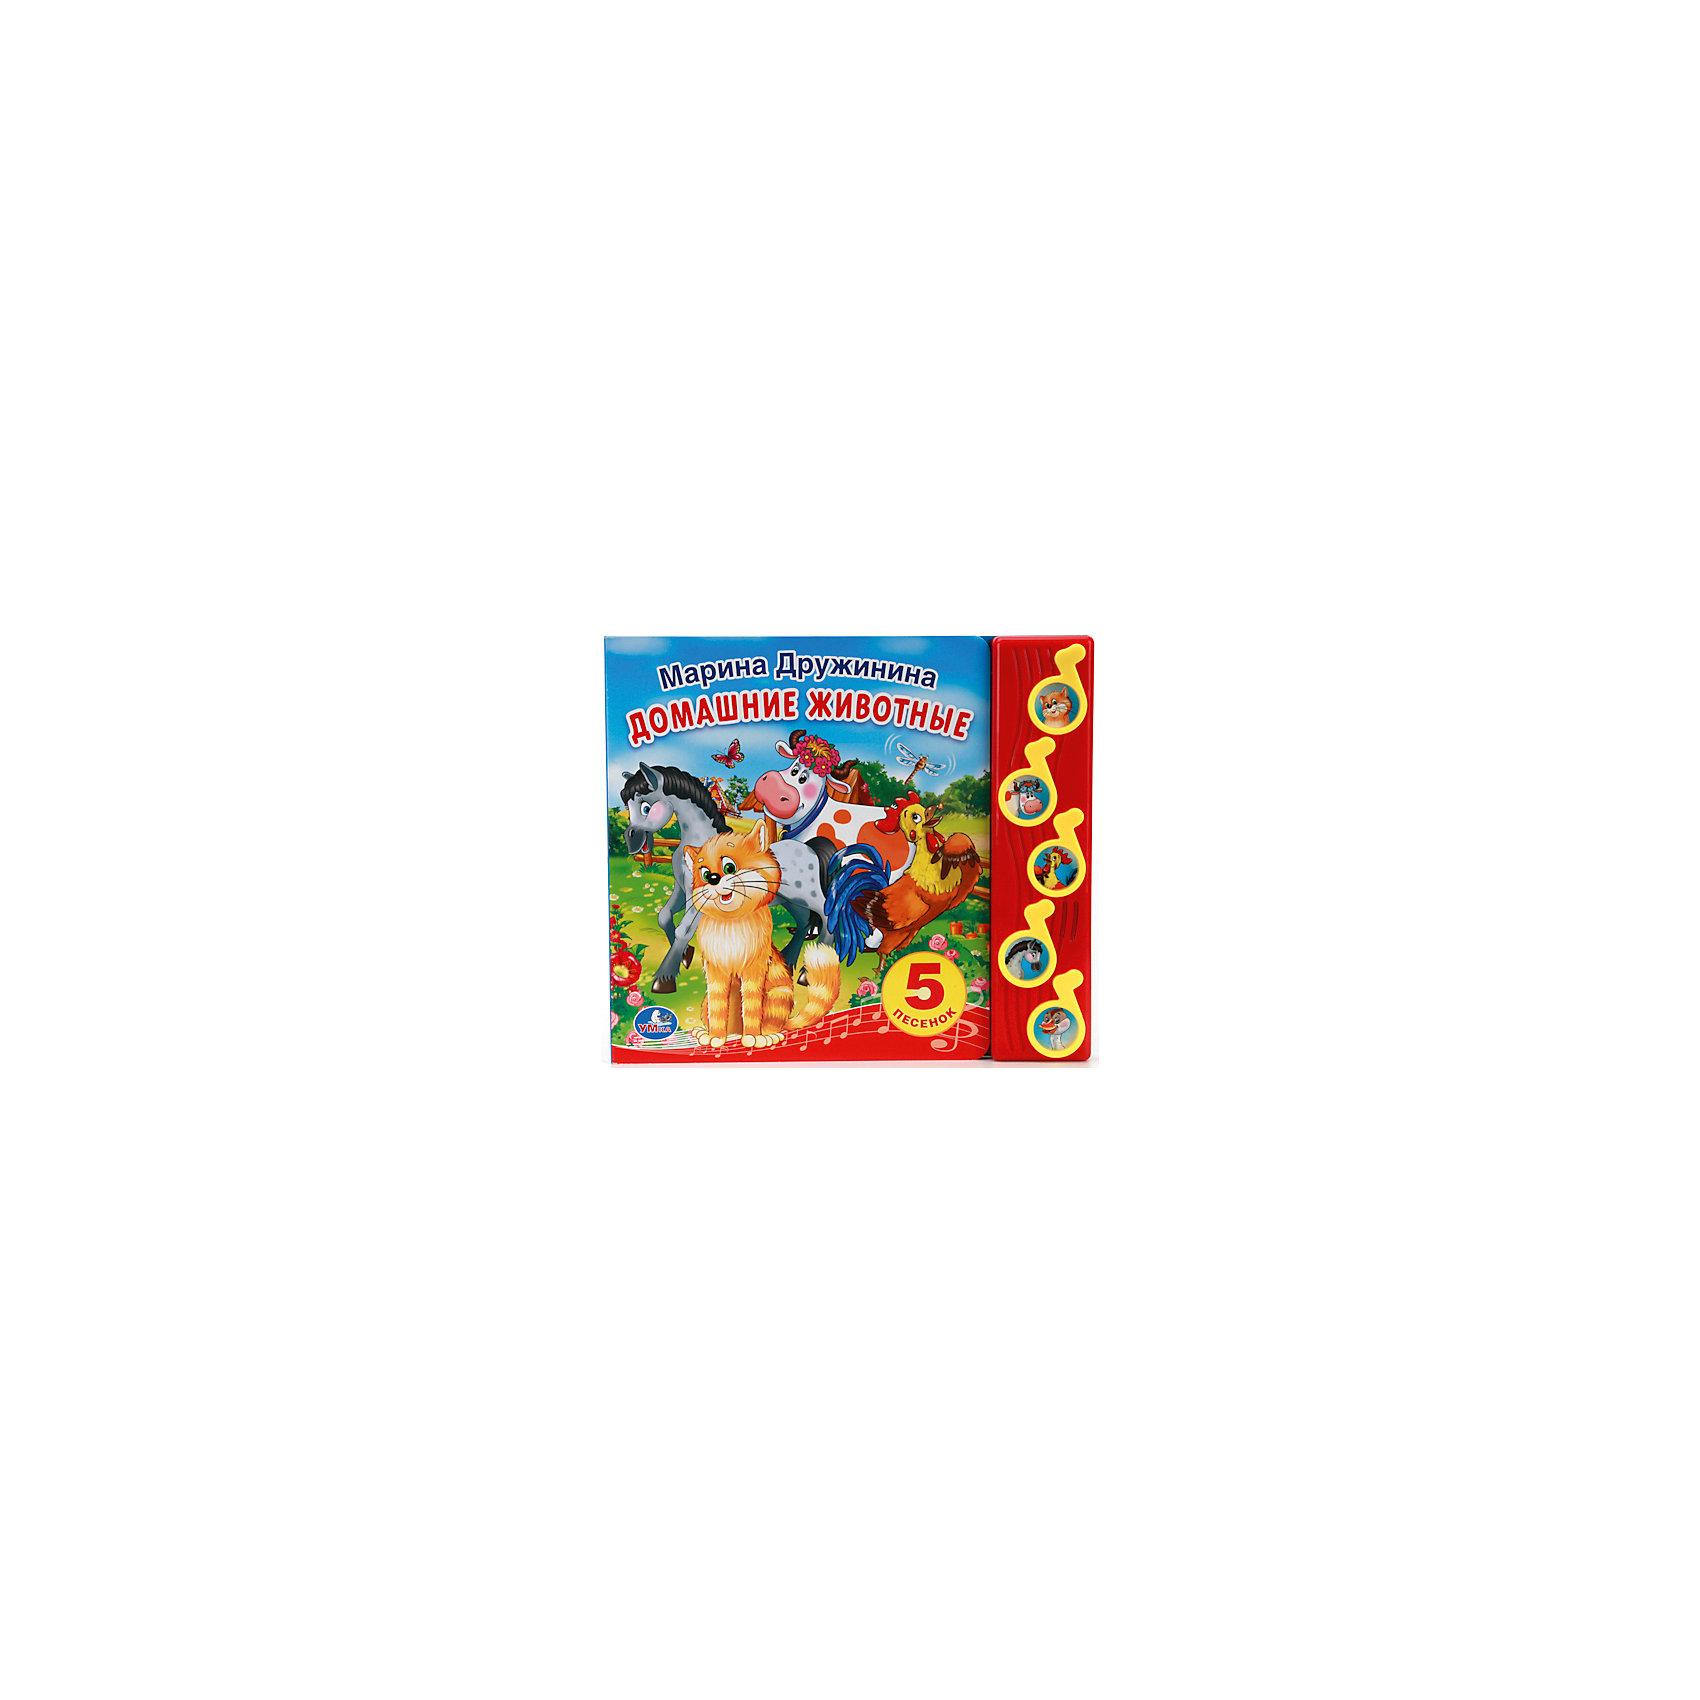 Домашние животные, М. Дружинина, УмкаМузыкальные книги<br>Замечательная книга для самых маленьких Домашние животные прекрасного детского автора Марины Дружининой от известной торговой марки Умка непременно порадует Вашего малыша. Красочные иллюстрации привлекут внимание ребенка,  а самостоятельно переворачивать плотные картонные страницы так удобно! Справа есть звуковой модуль с пятью кнопками-нотками, нажимая которые, можно услышать кто как говорит. Прослушивание текстов и разглядывание иллюстраций развивает чувство ритма, фантазию, зрительное восприятие, расширяет словарный запас. Прекрасный выбор для Вашего малыша!<br><br>Дополнительная информация:<br>- рекомендуемый возраст: от 1 года<br>- материалы: картон, пластик, металл<br>- батарейки в комплекте<br>- размеры: 22 х 19 х 2см<br>- вес: 340 гр<br><br>Книгу Домашние животные, М. Дружинина, Умка можно купить в нашем магазине<br><br>Ширина мм: 220<br>Глубина мм: 190<br>Высота мм: 20<br>Вес г: 340<br>Возраст от месяцев: 36<br>Возраст до месяцев: 84<br>Пол: Унисекс<br>Возраст: Детский<br>SKU: 4754692